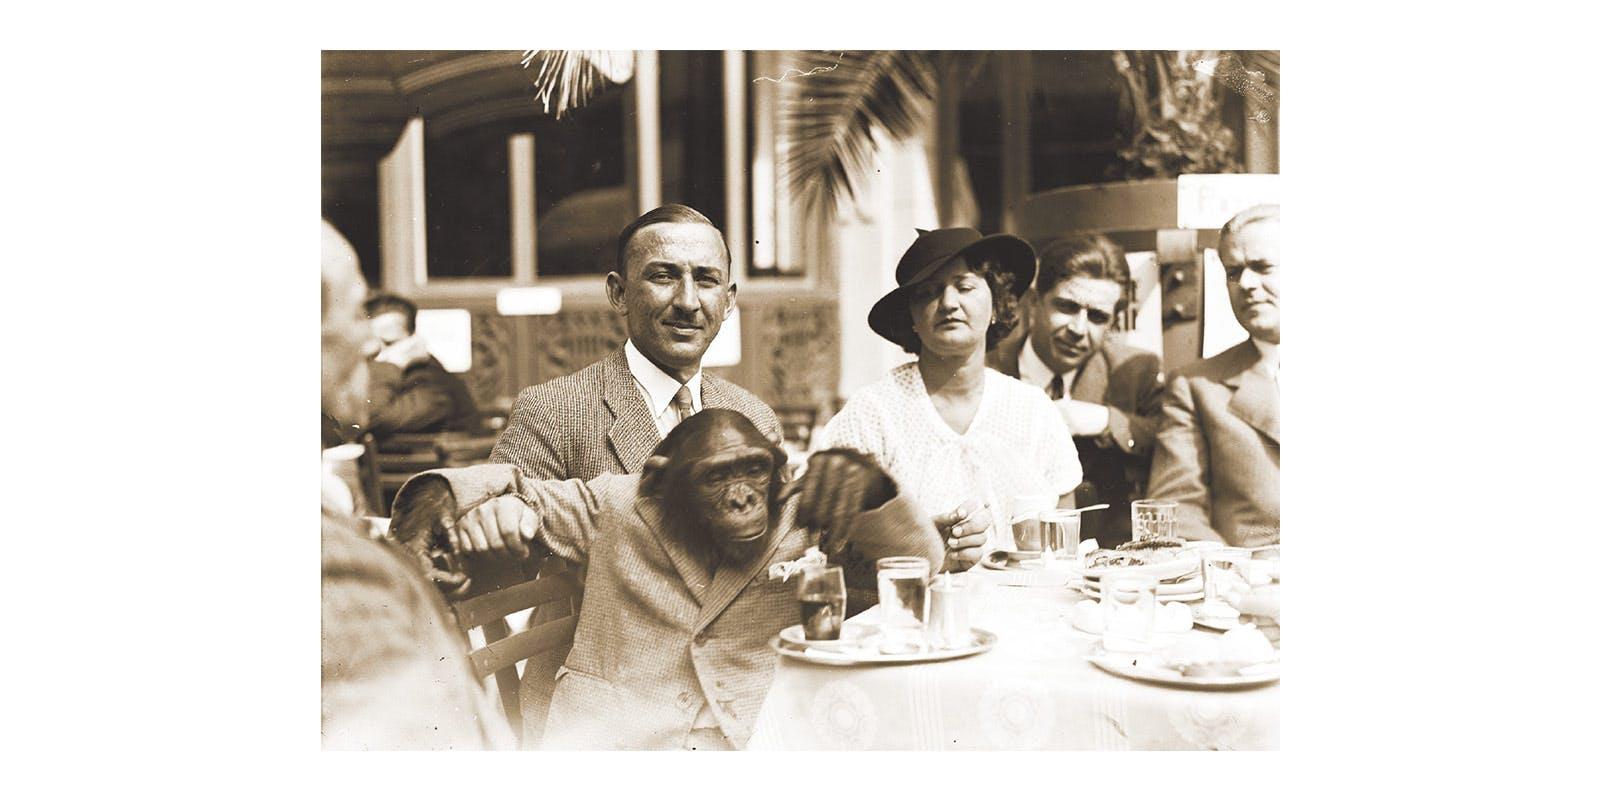 Lala Staniewski and Mimi the Chimpanzee entertaining